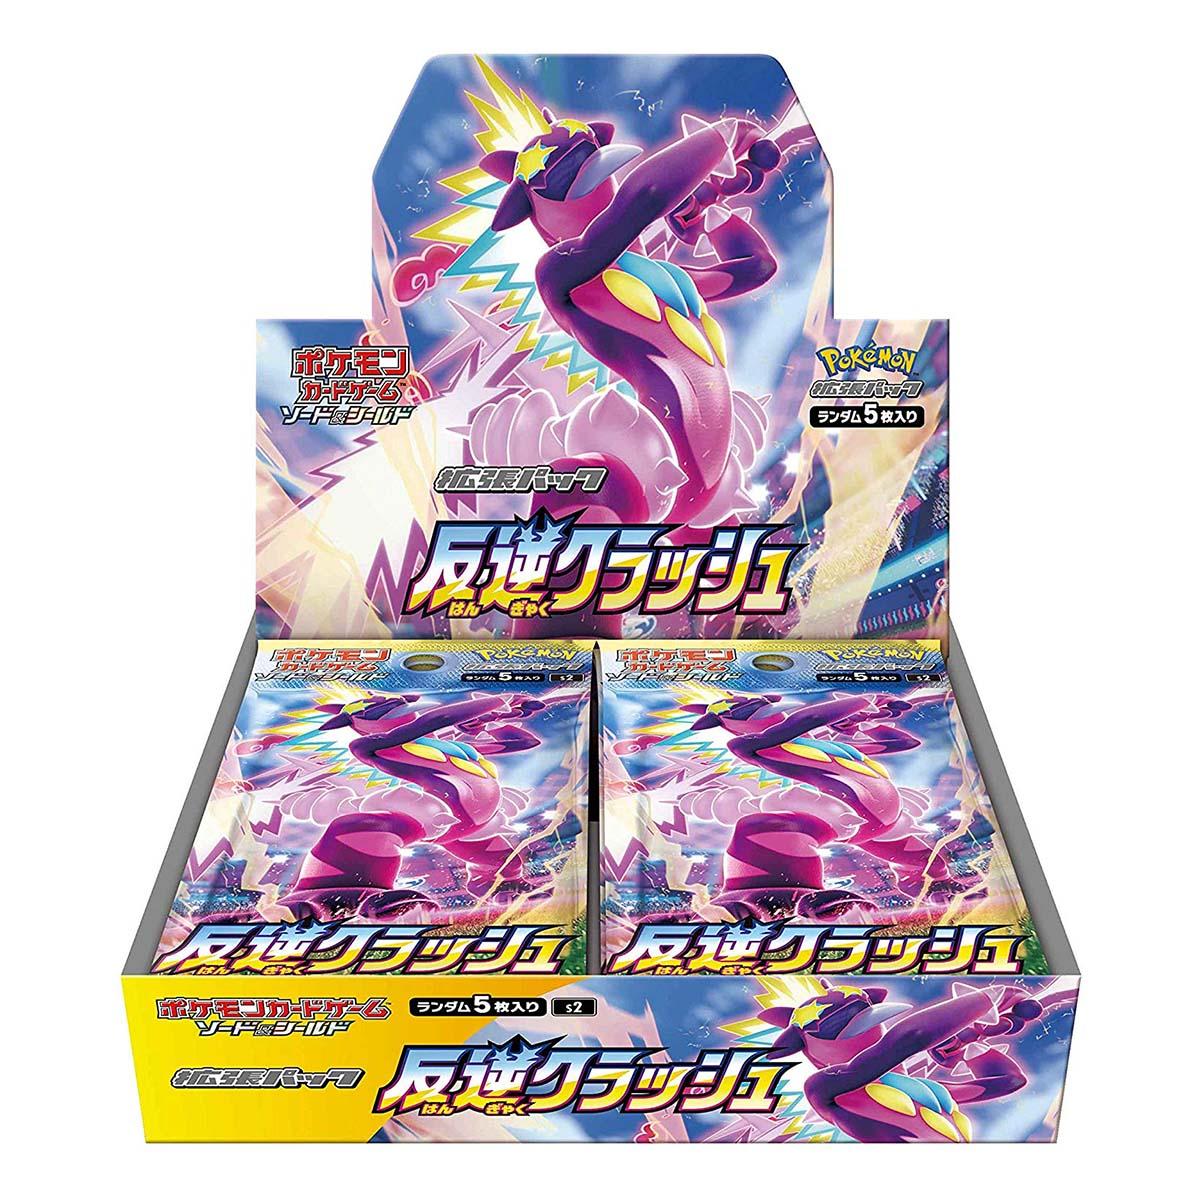 ポケモンカードゲーム ソード&シールド 強化拡張パック『反逆クラッシュ』30パック入りBOX-001